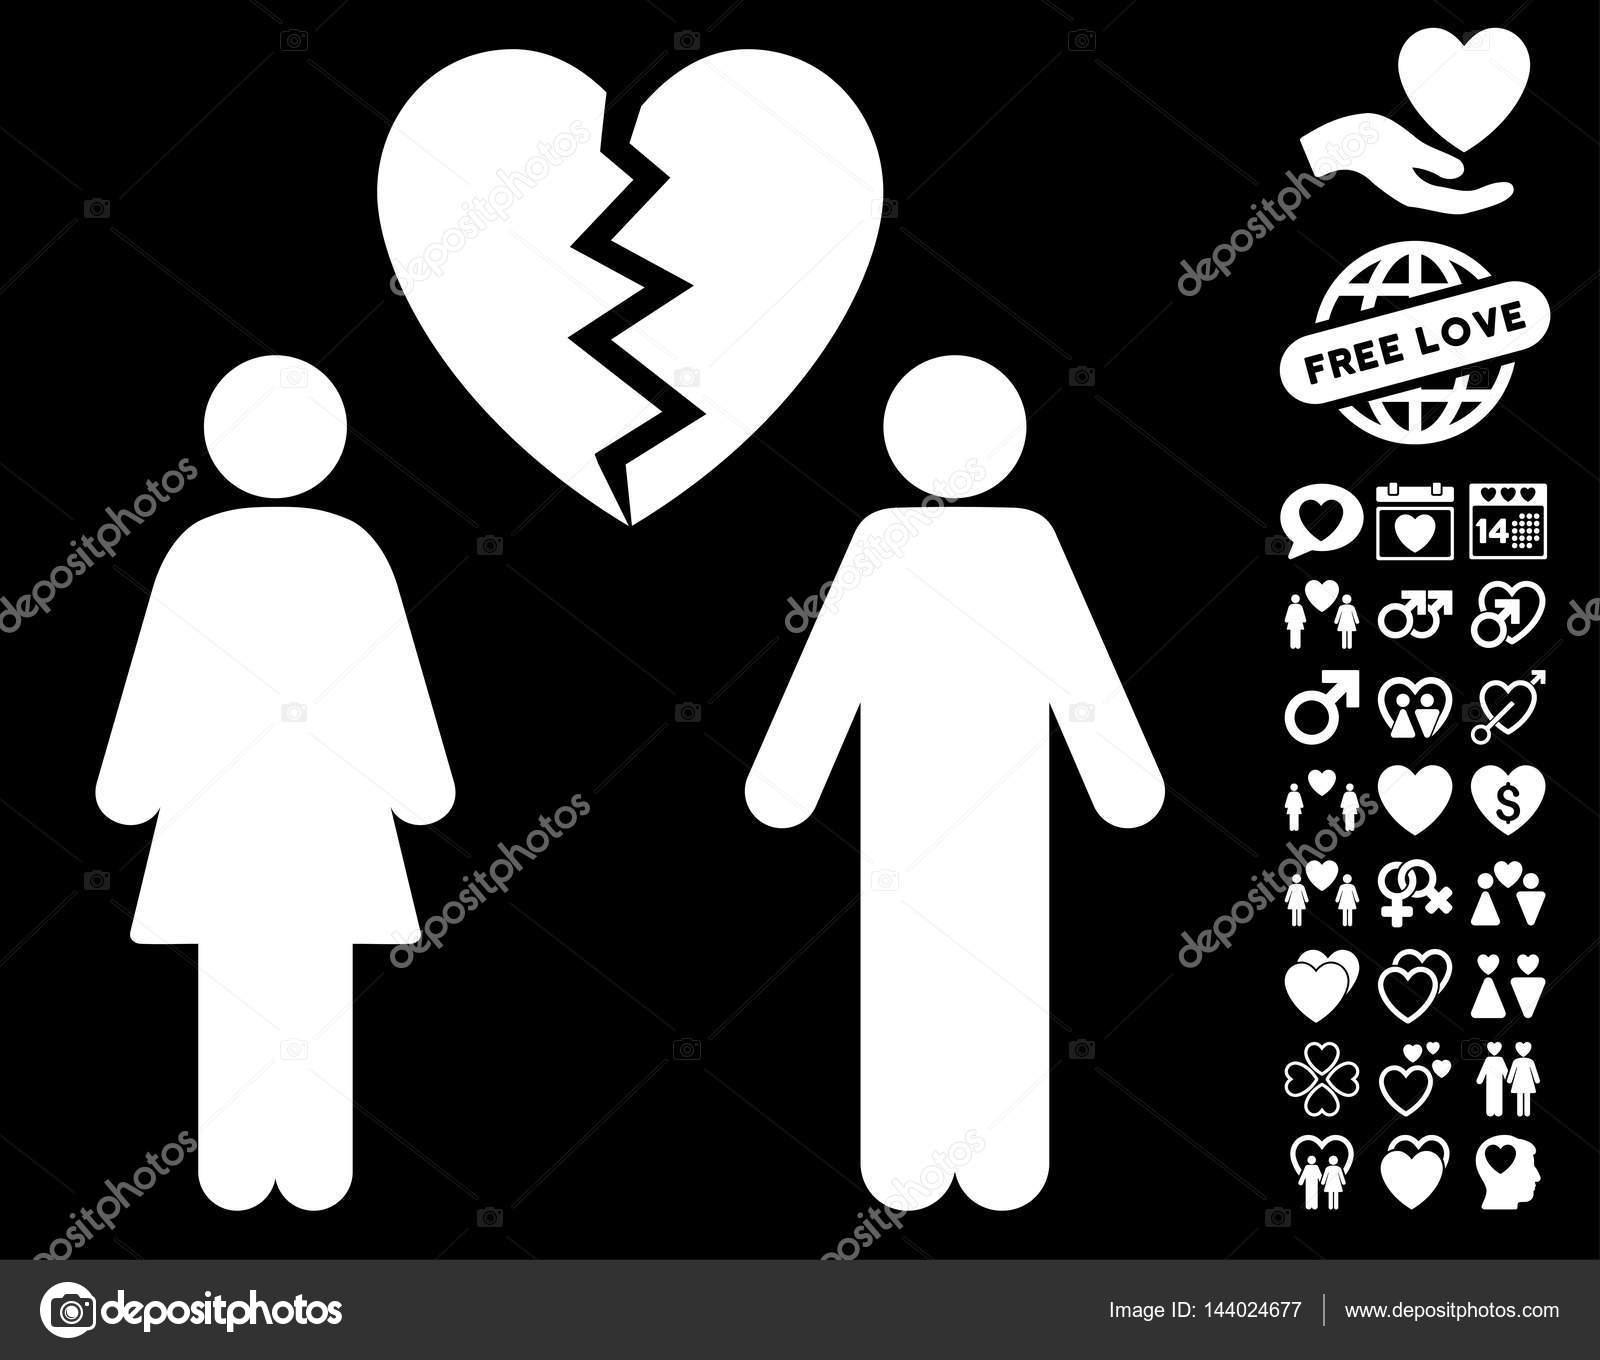 Datierung einer männlichen Scheidung Mccord m1 Helm